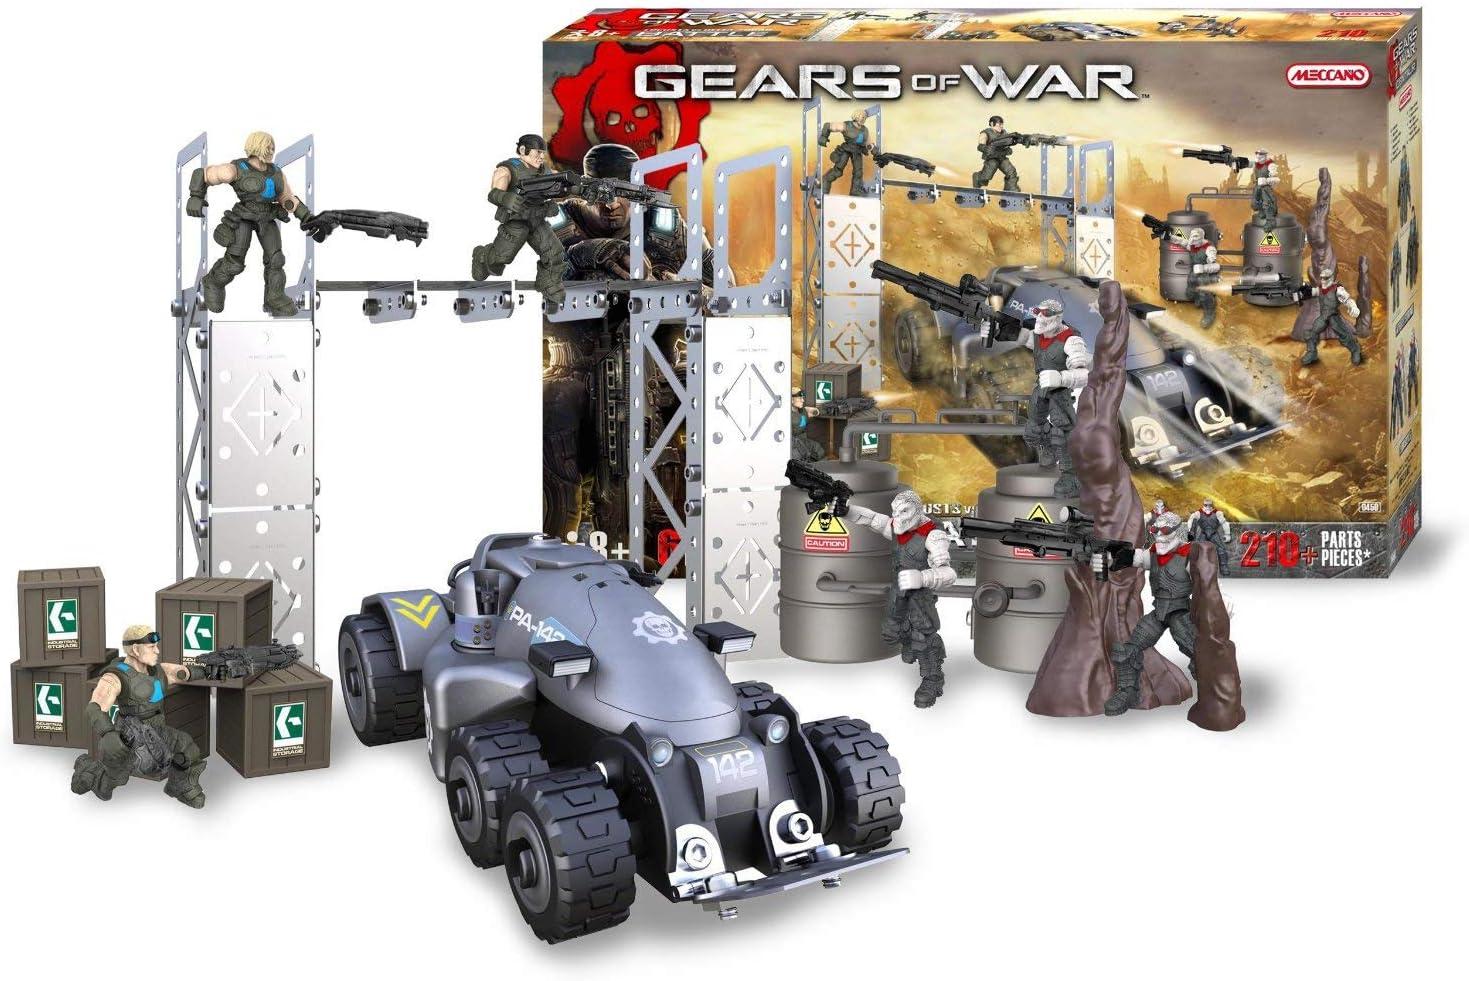 MECCANO 850450 Gears of War - Juego de construcción, diseño de ...